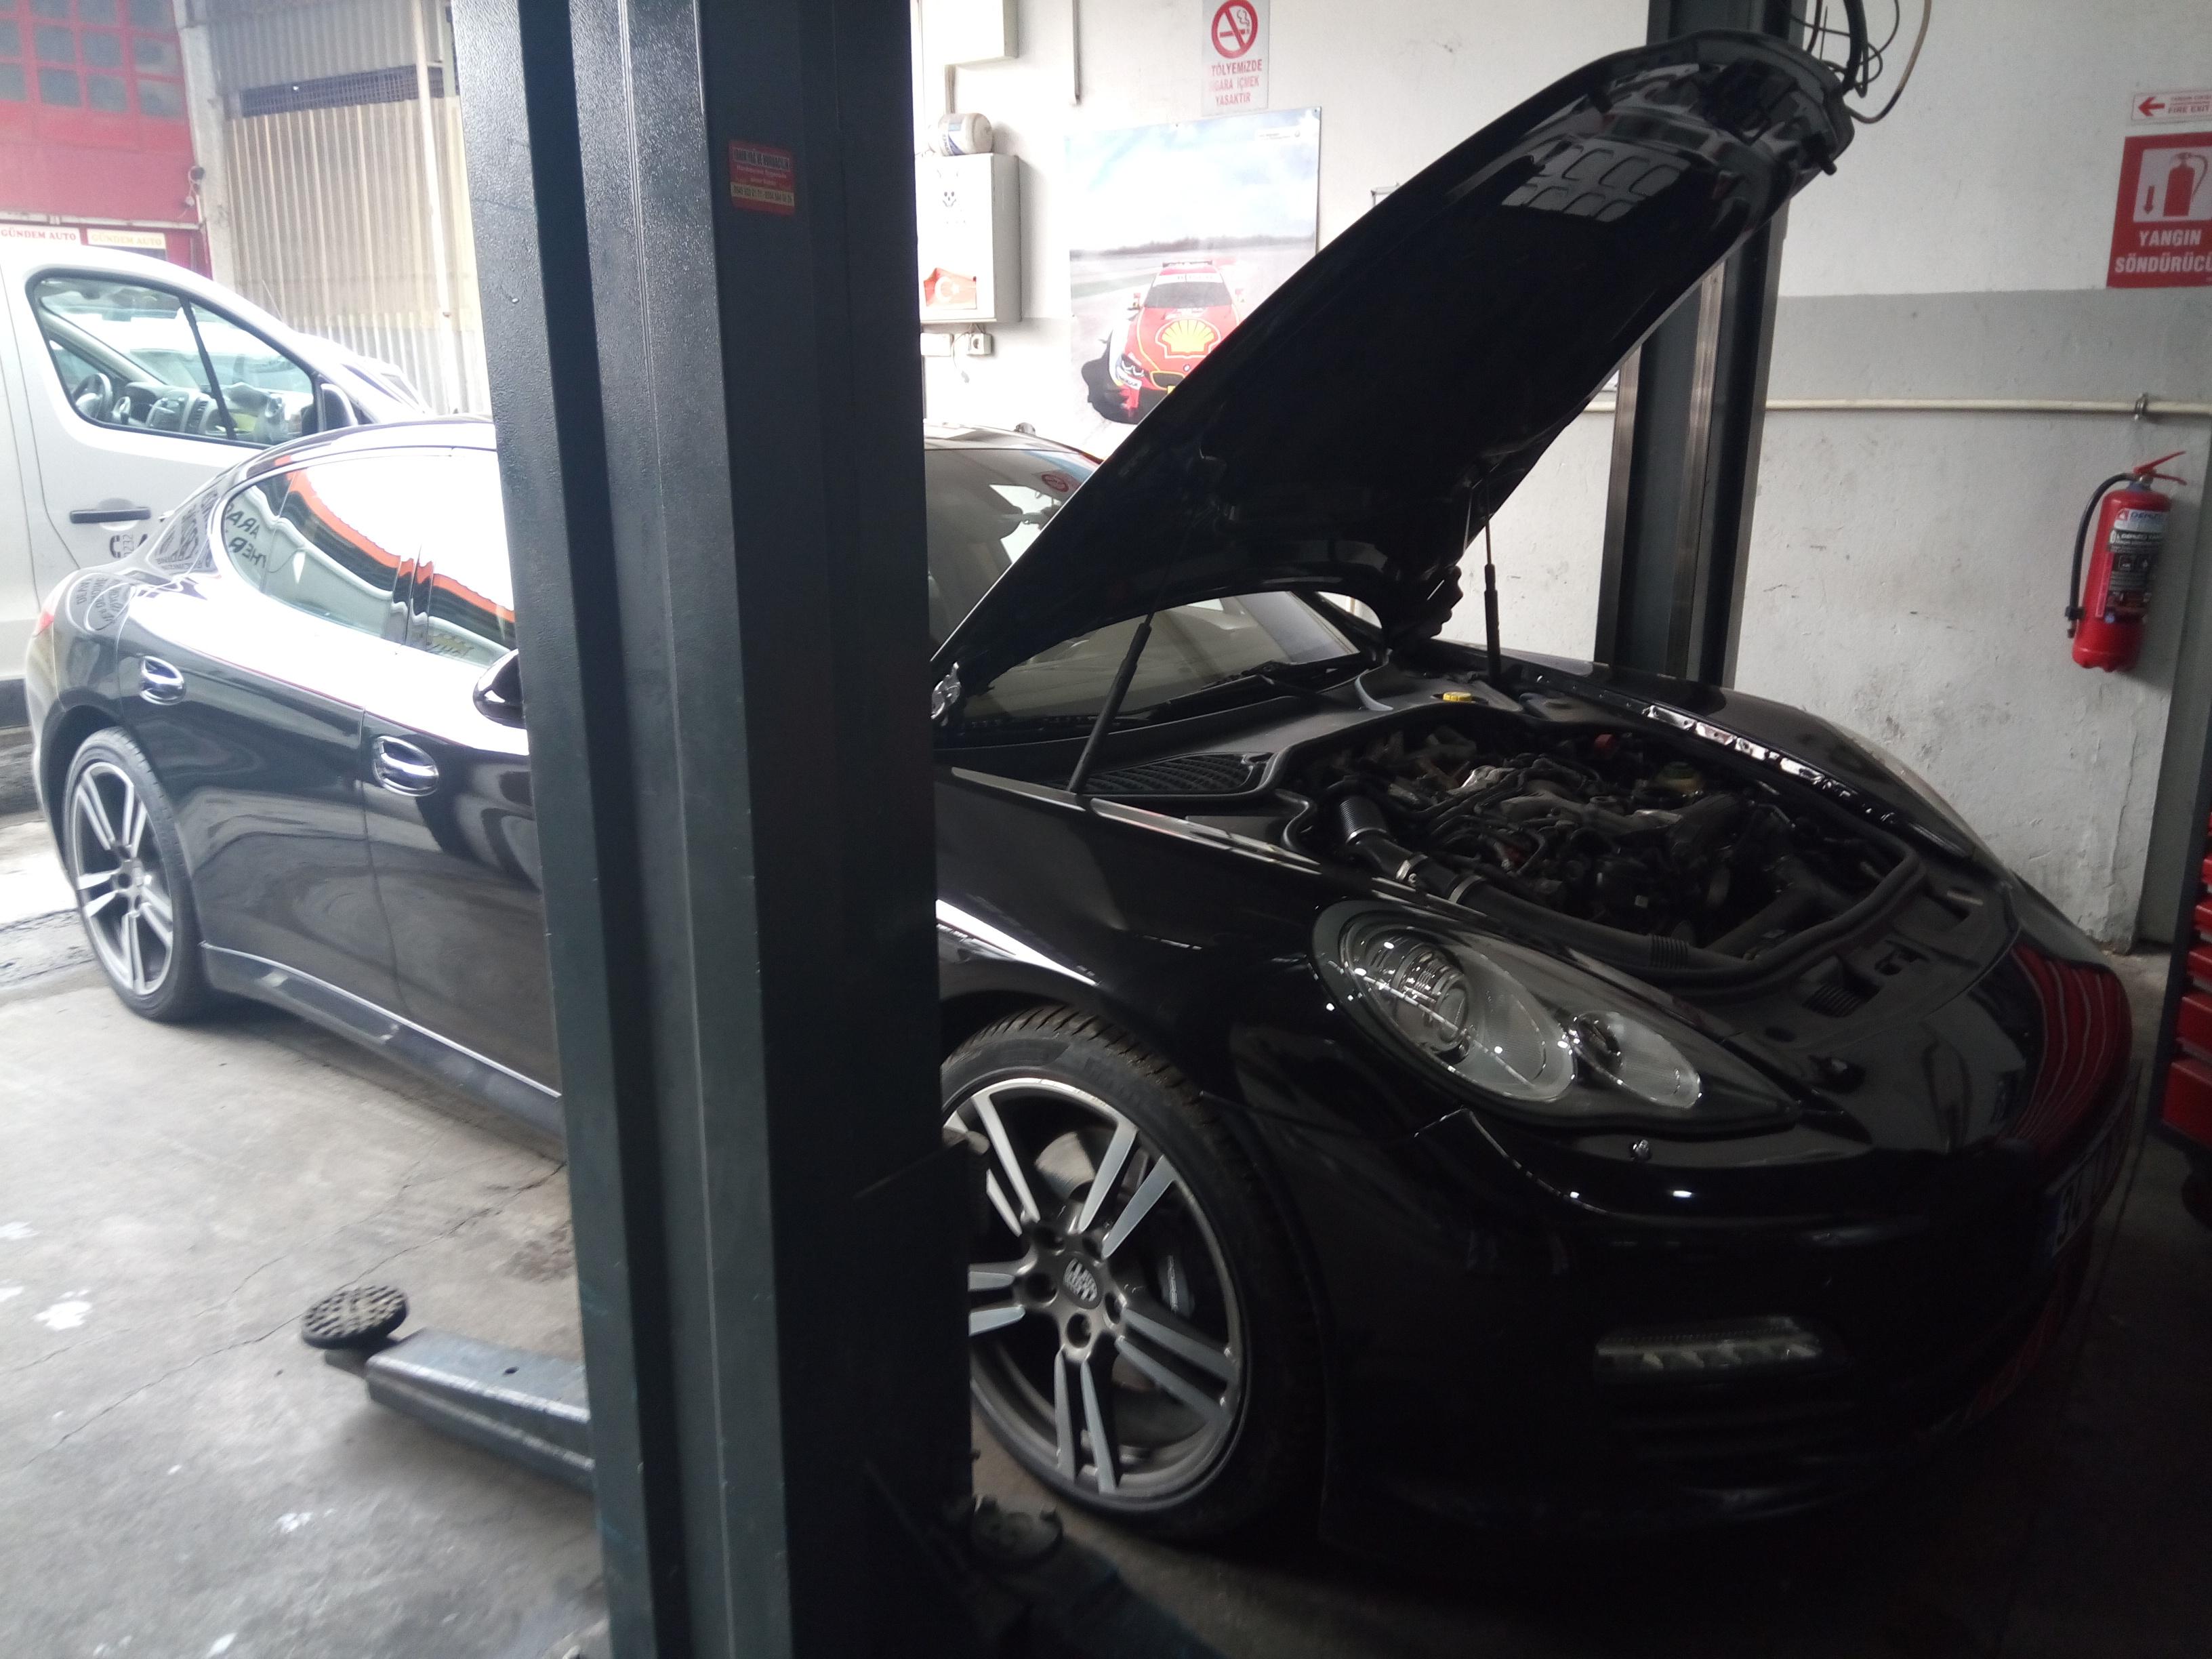 İzmir Porsche Panamera Isıtma ve Soğutma Kalorifer ve Klima Sistemlerinin Bakım, Onarım ve Tamiri